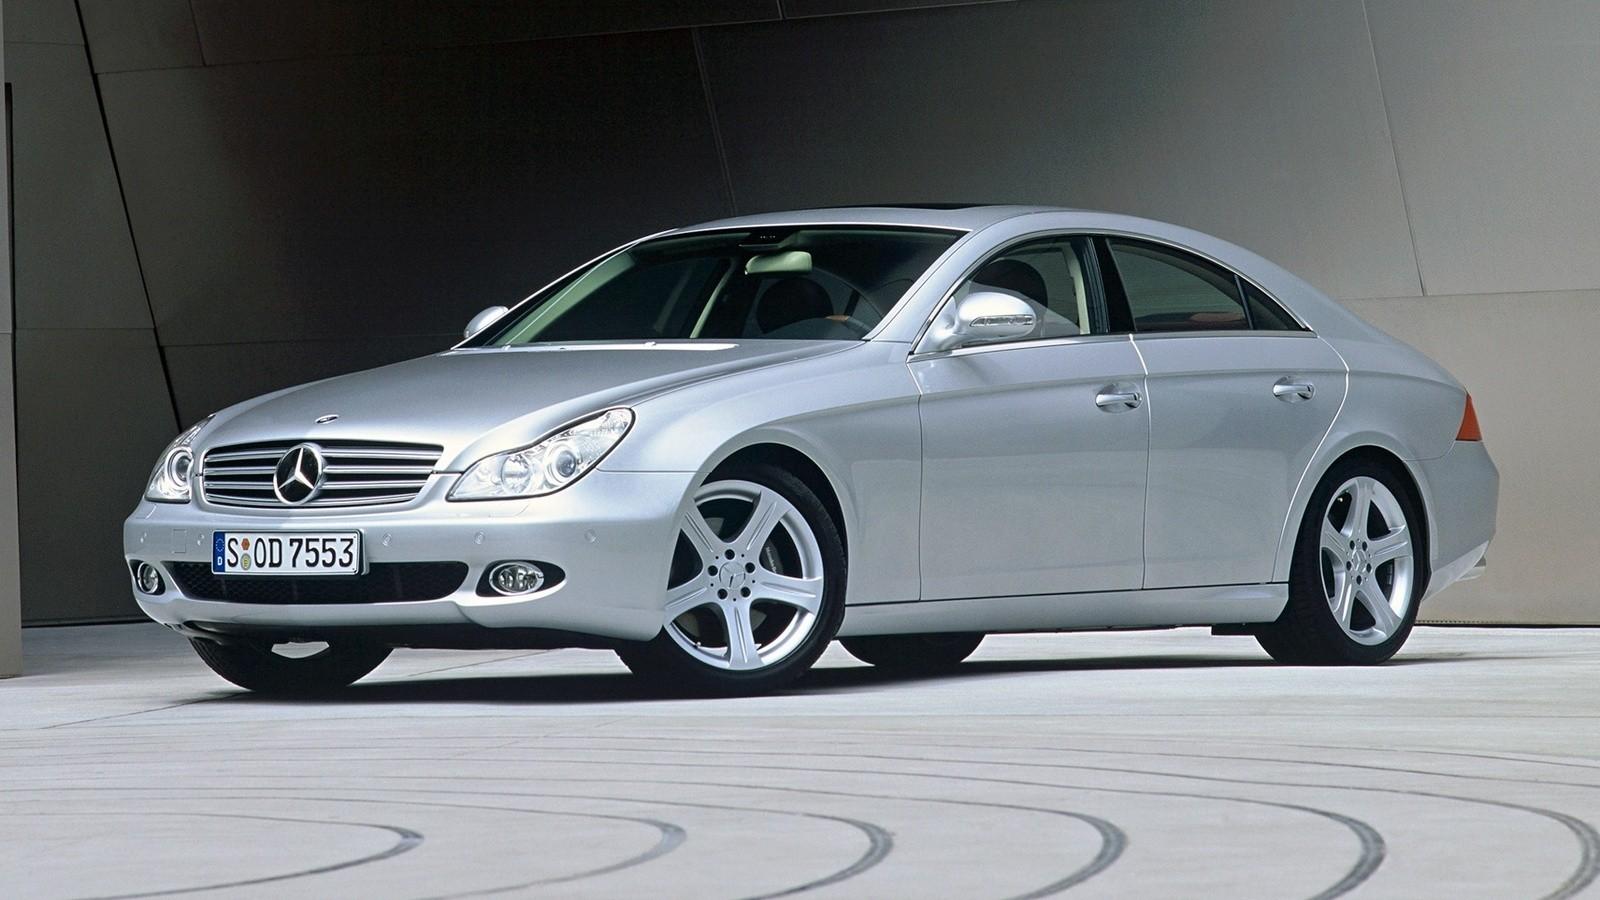 Mercedes-Benz CLS 500 Worldwide (С219) '2004–07.2010